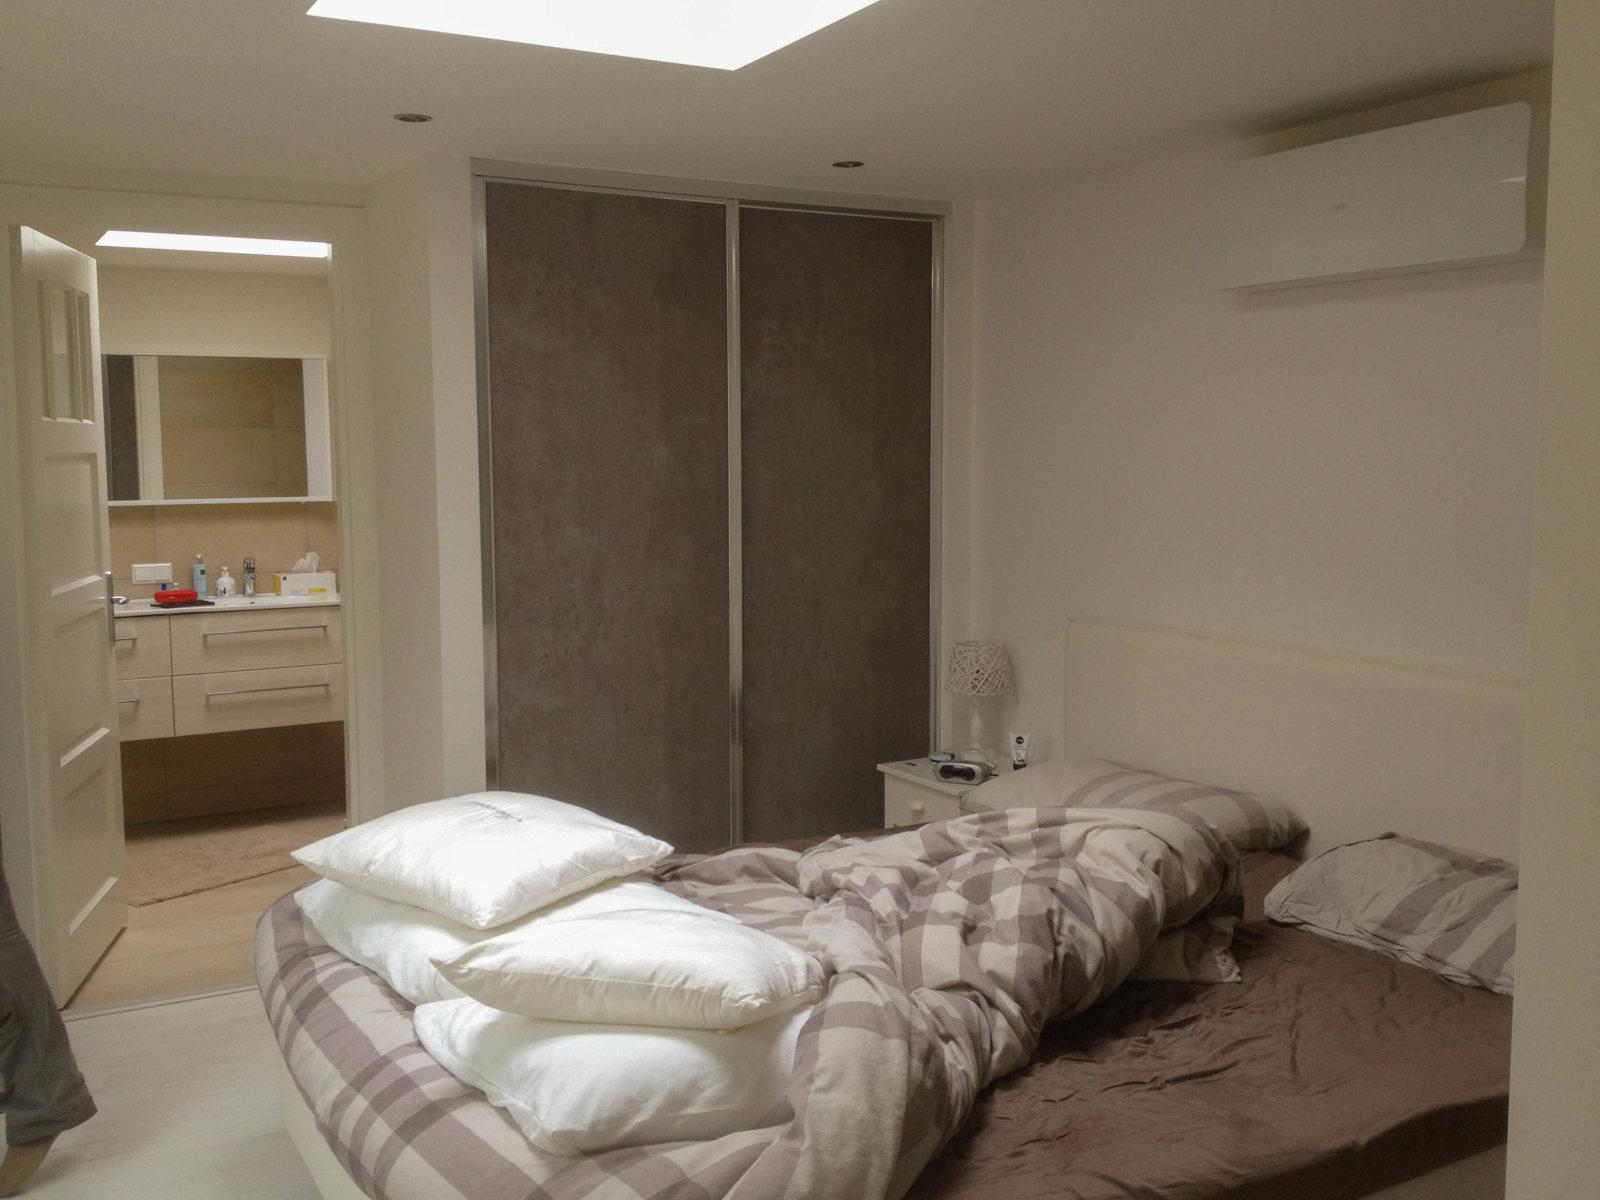 Badkamer Slaapkamer Combi : Combi bad slaapkamer muijs bouw